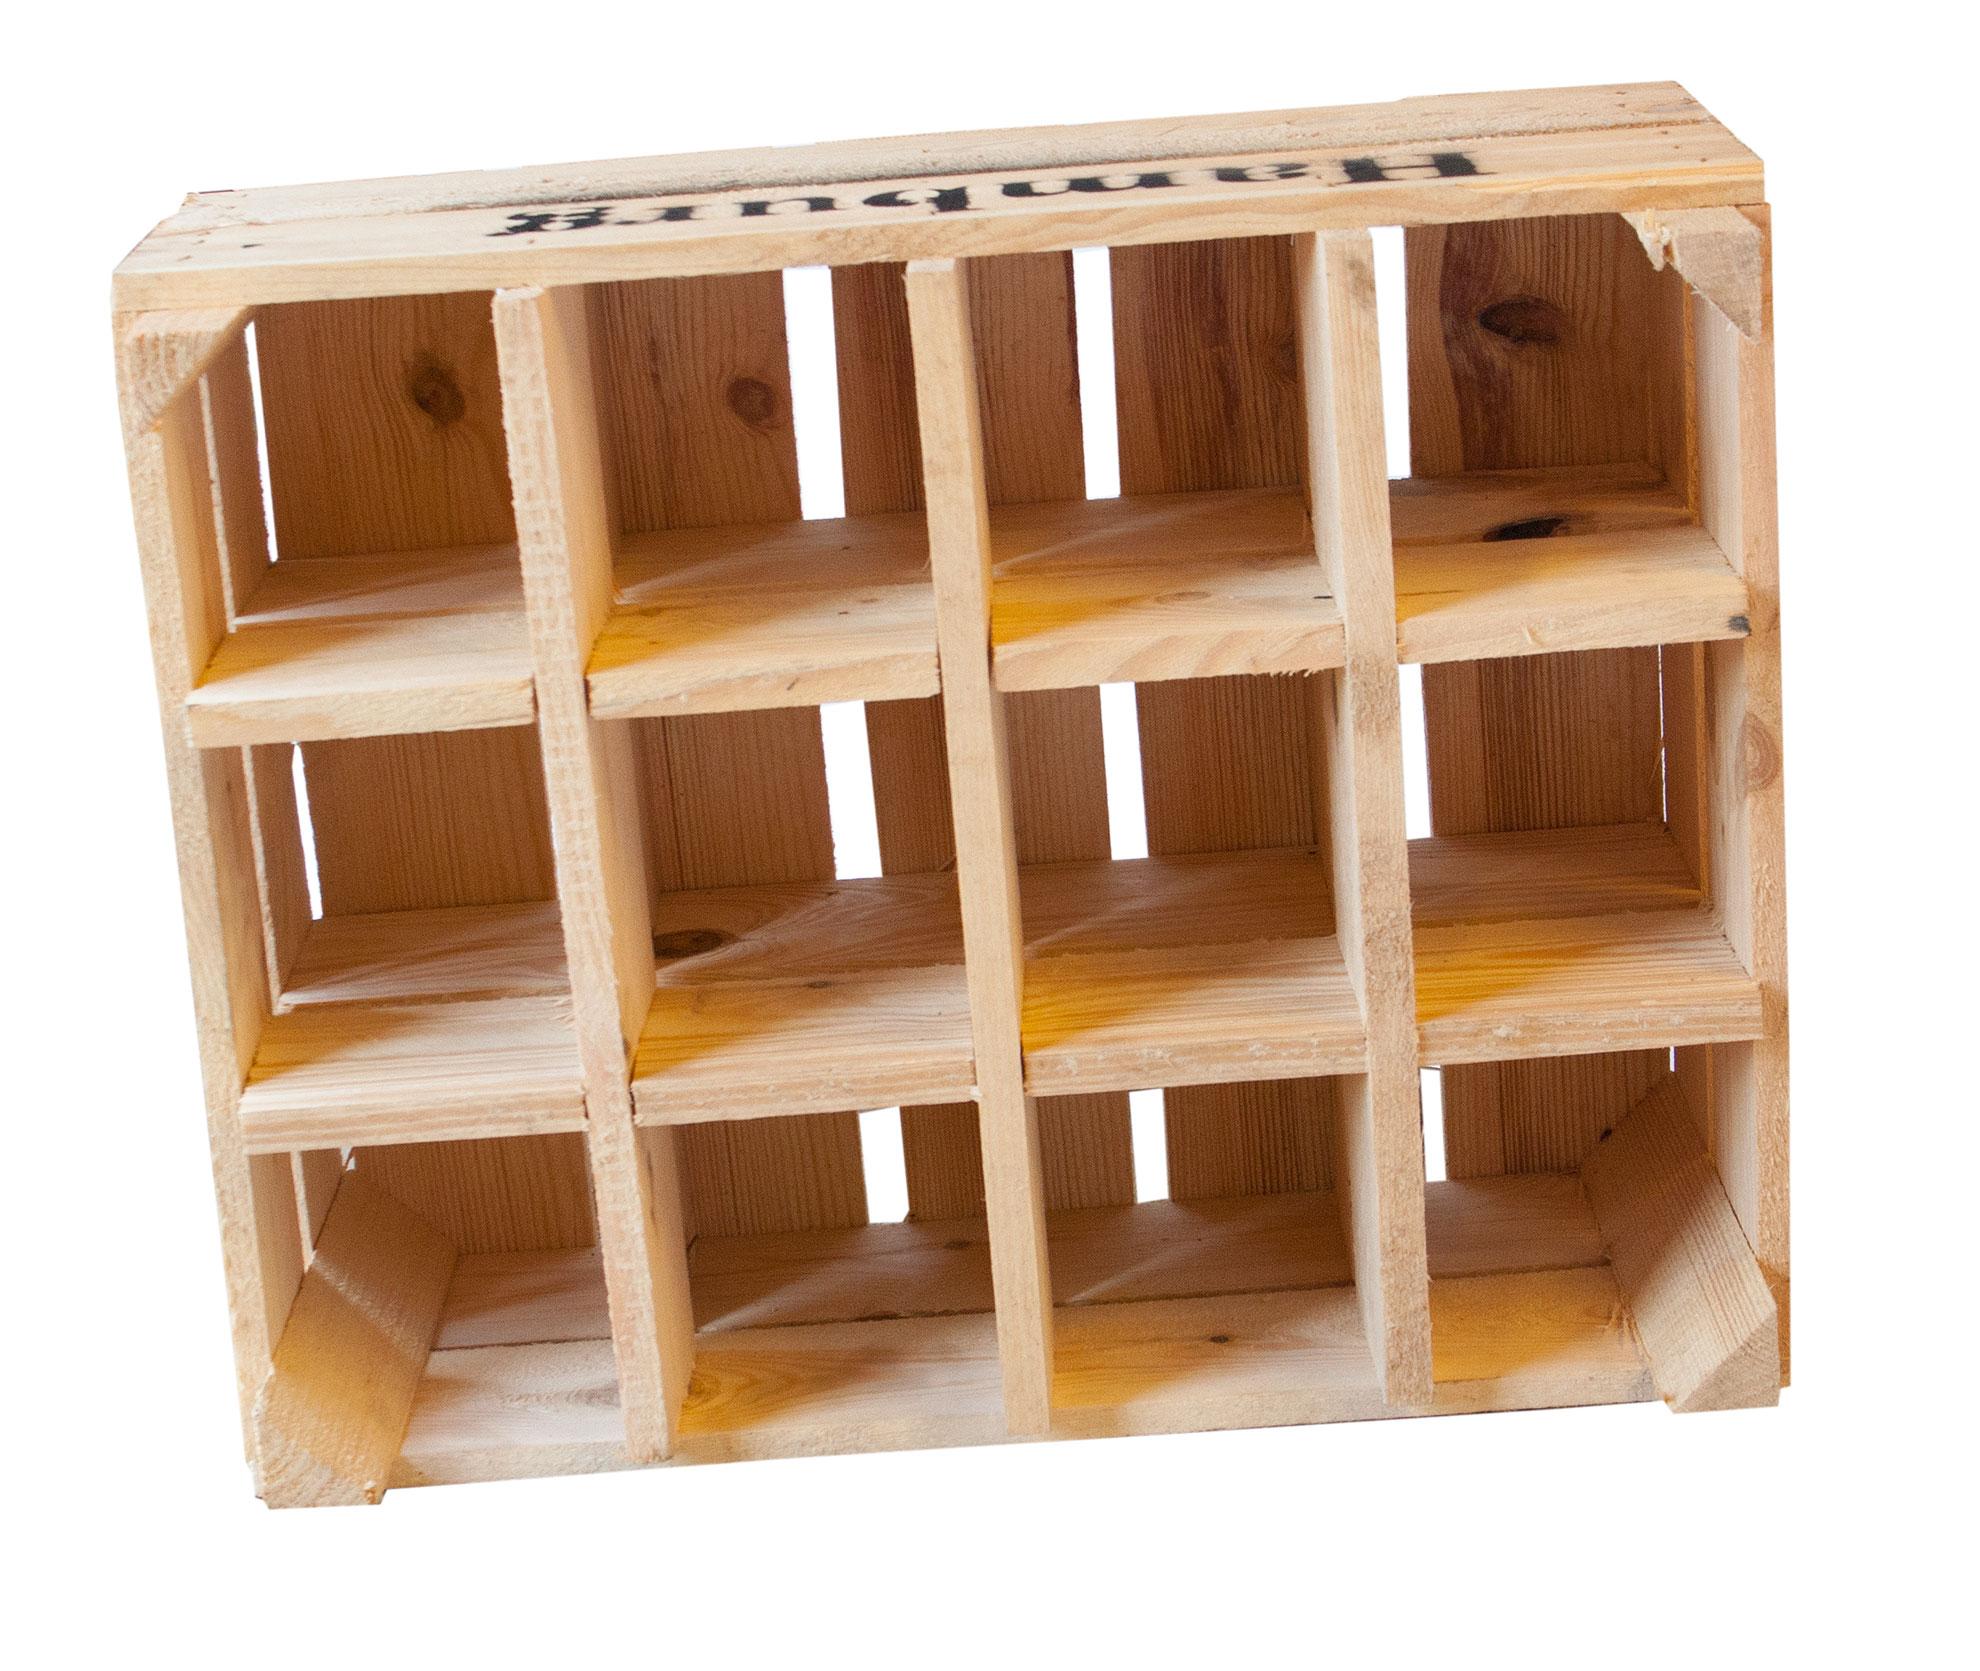 neue kisten flaschenkasten hamburg natur 50x40x23cm. Black Bedroom Furniture Sets. Home Design Ideas